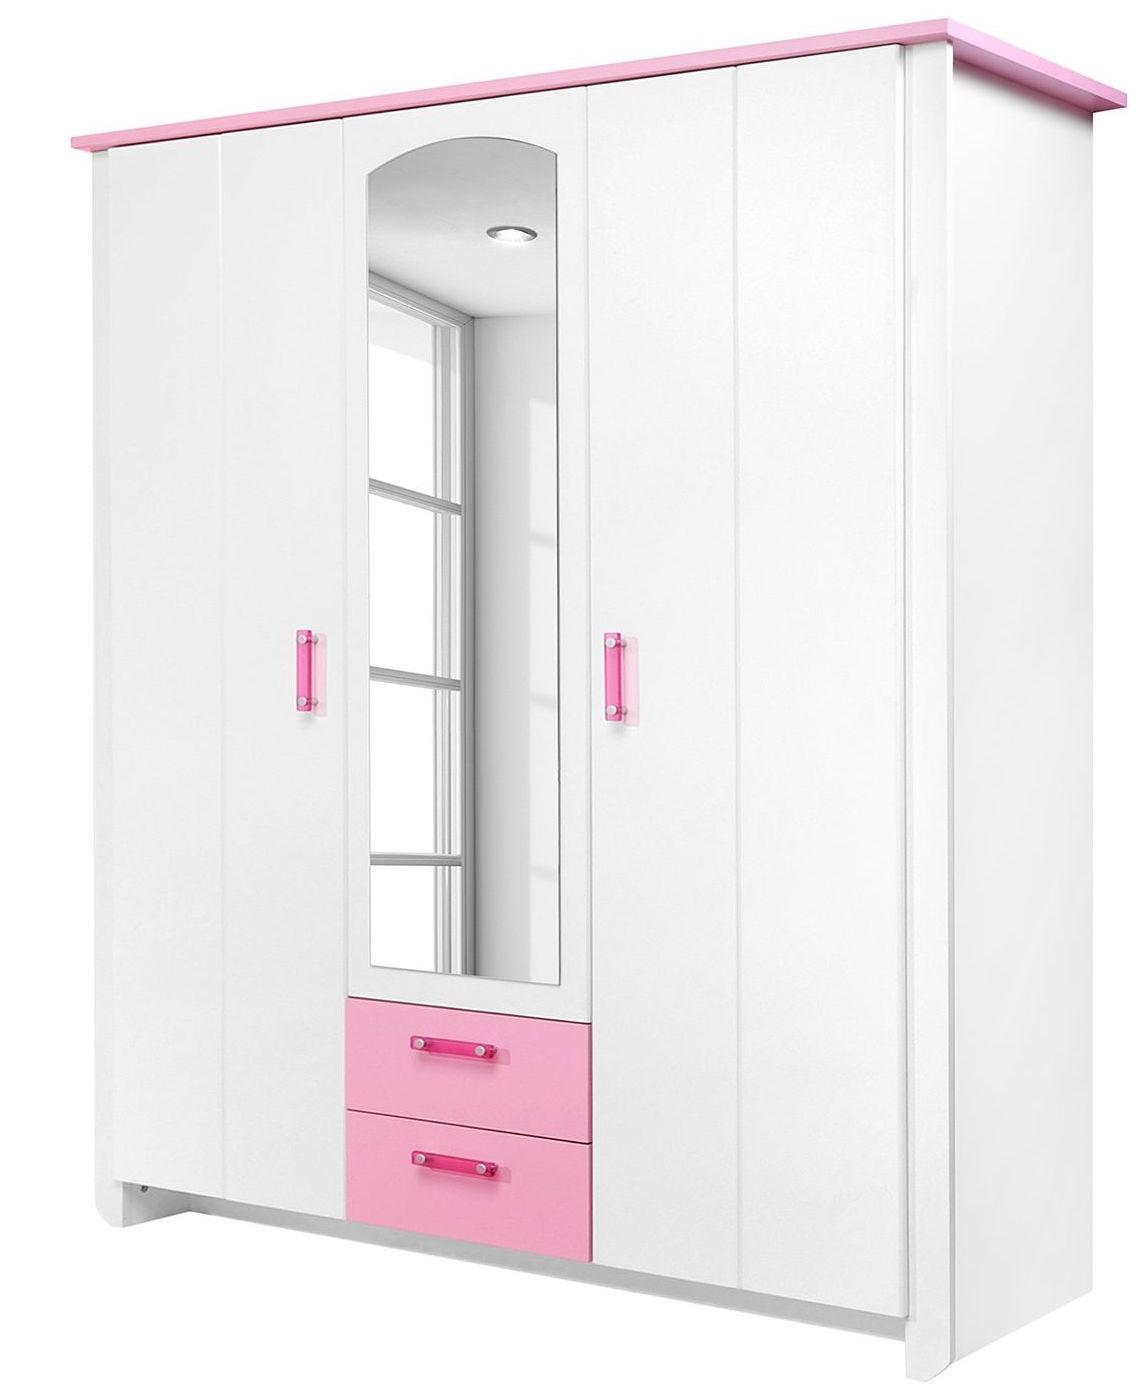 Armoire Blanche et Rose 3 portes Eglantine - LesTendances.fr